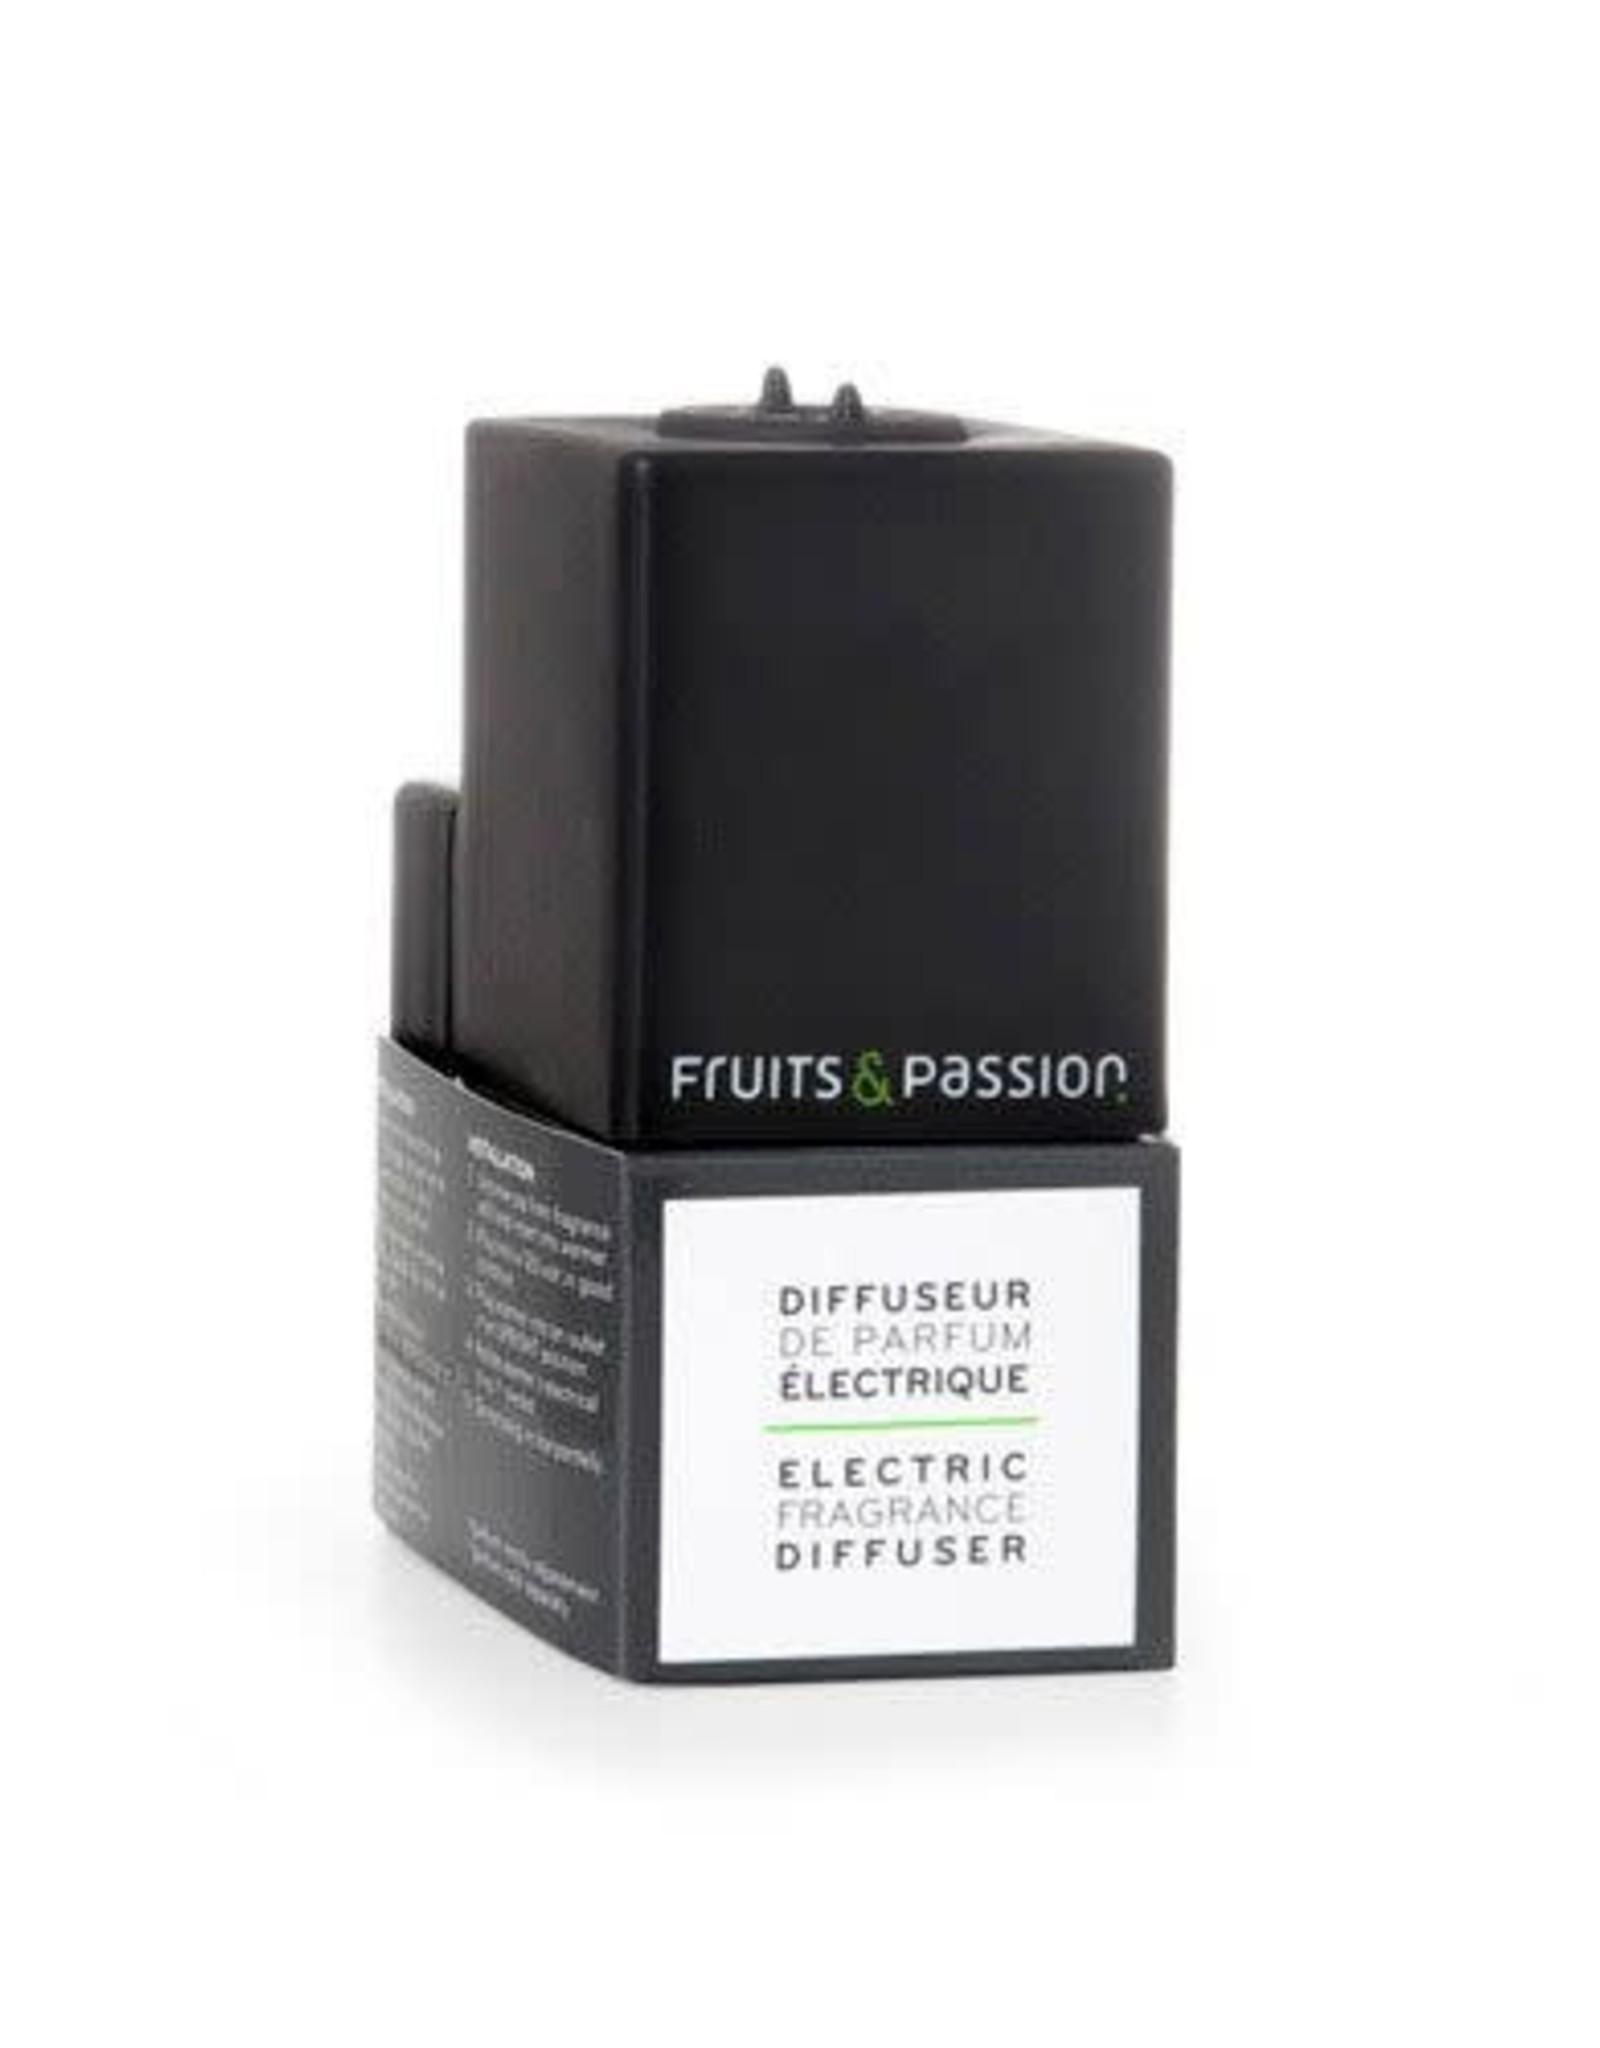 Fruits et Passion Diffuseur de Parfum Électrique Gris foncé